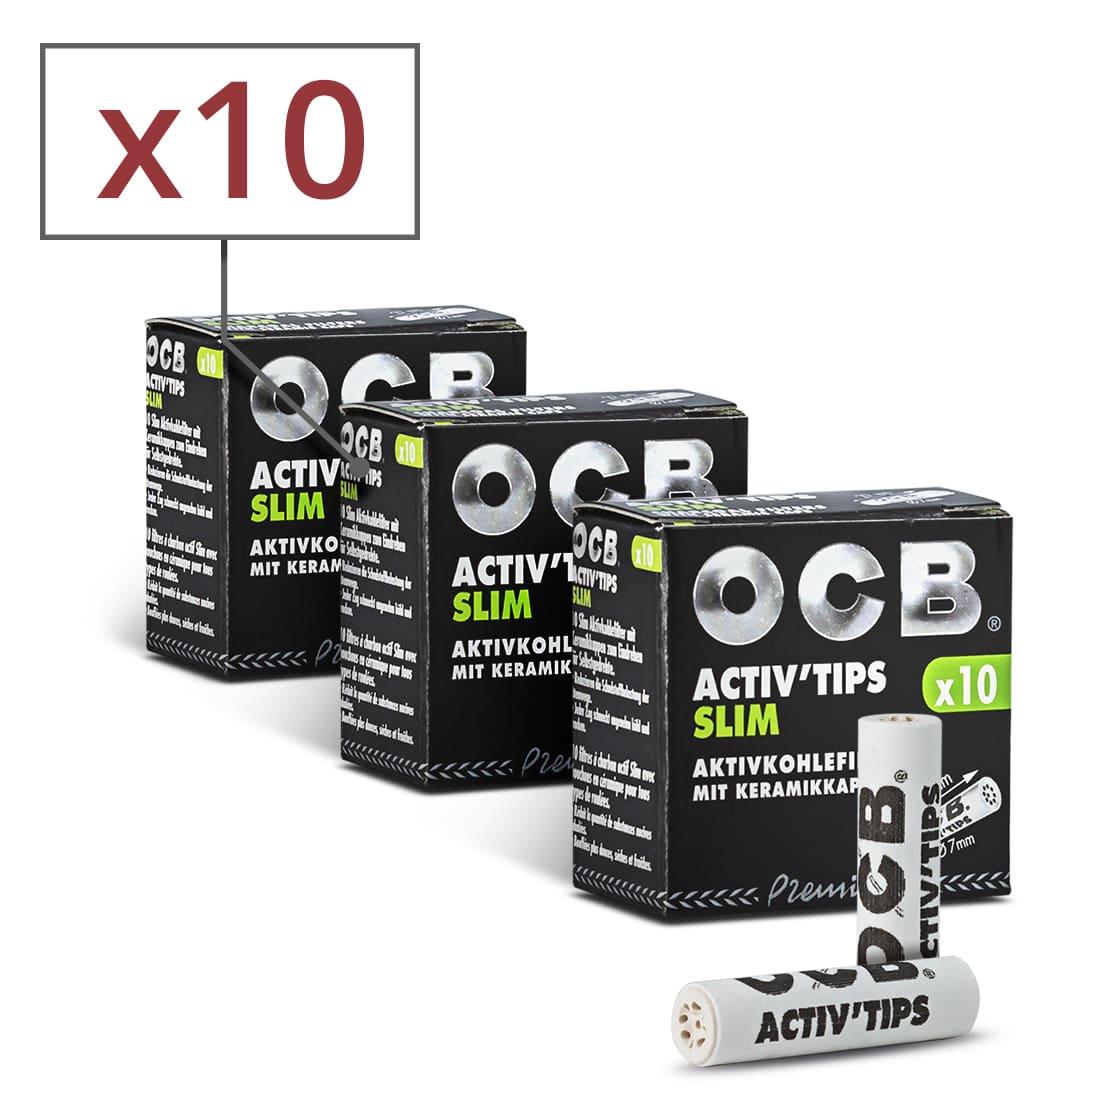 Photo de Filtres Activ' Tips Slim OCB x 10